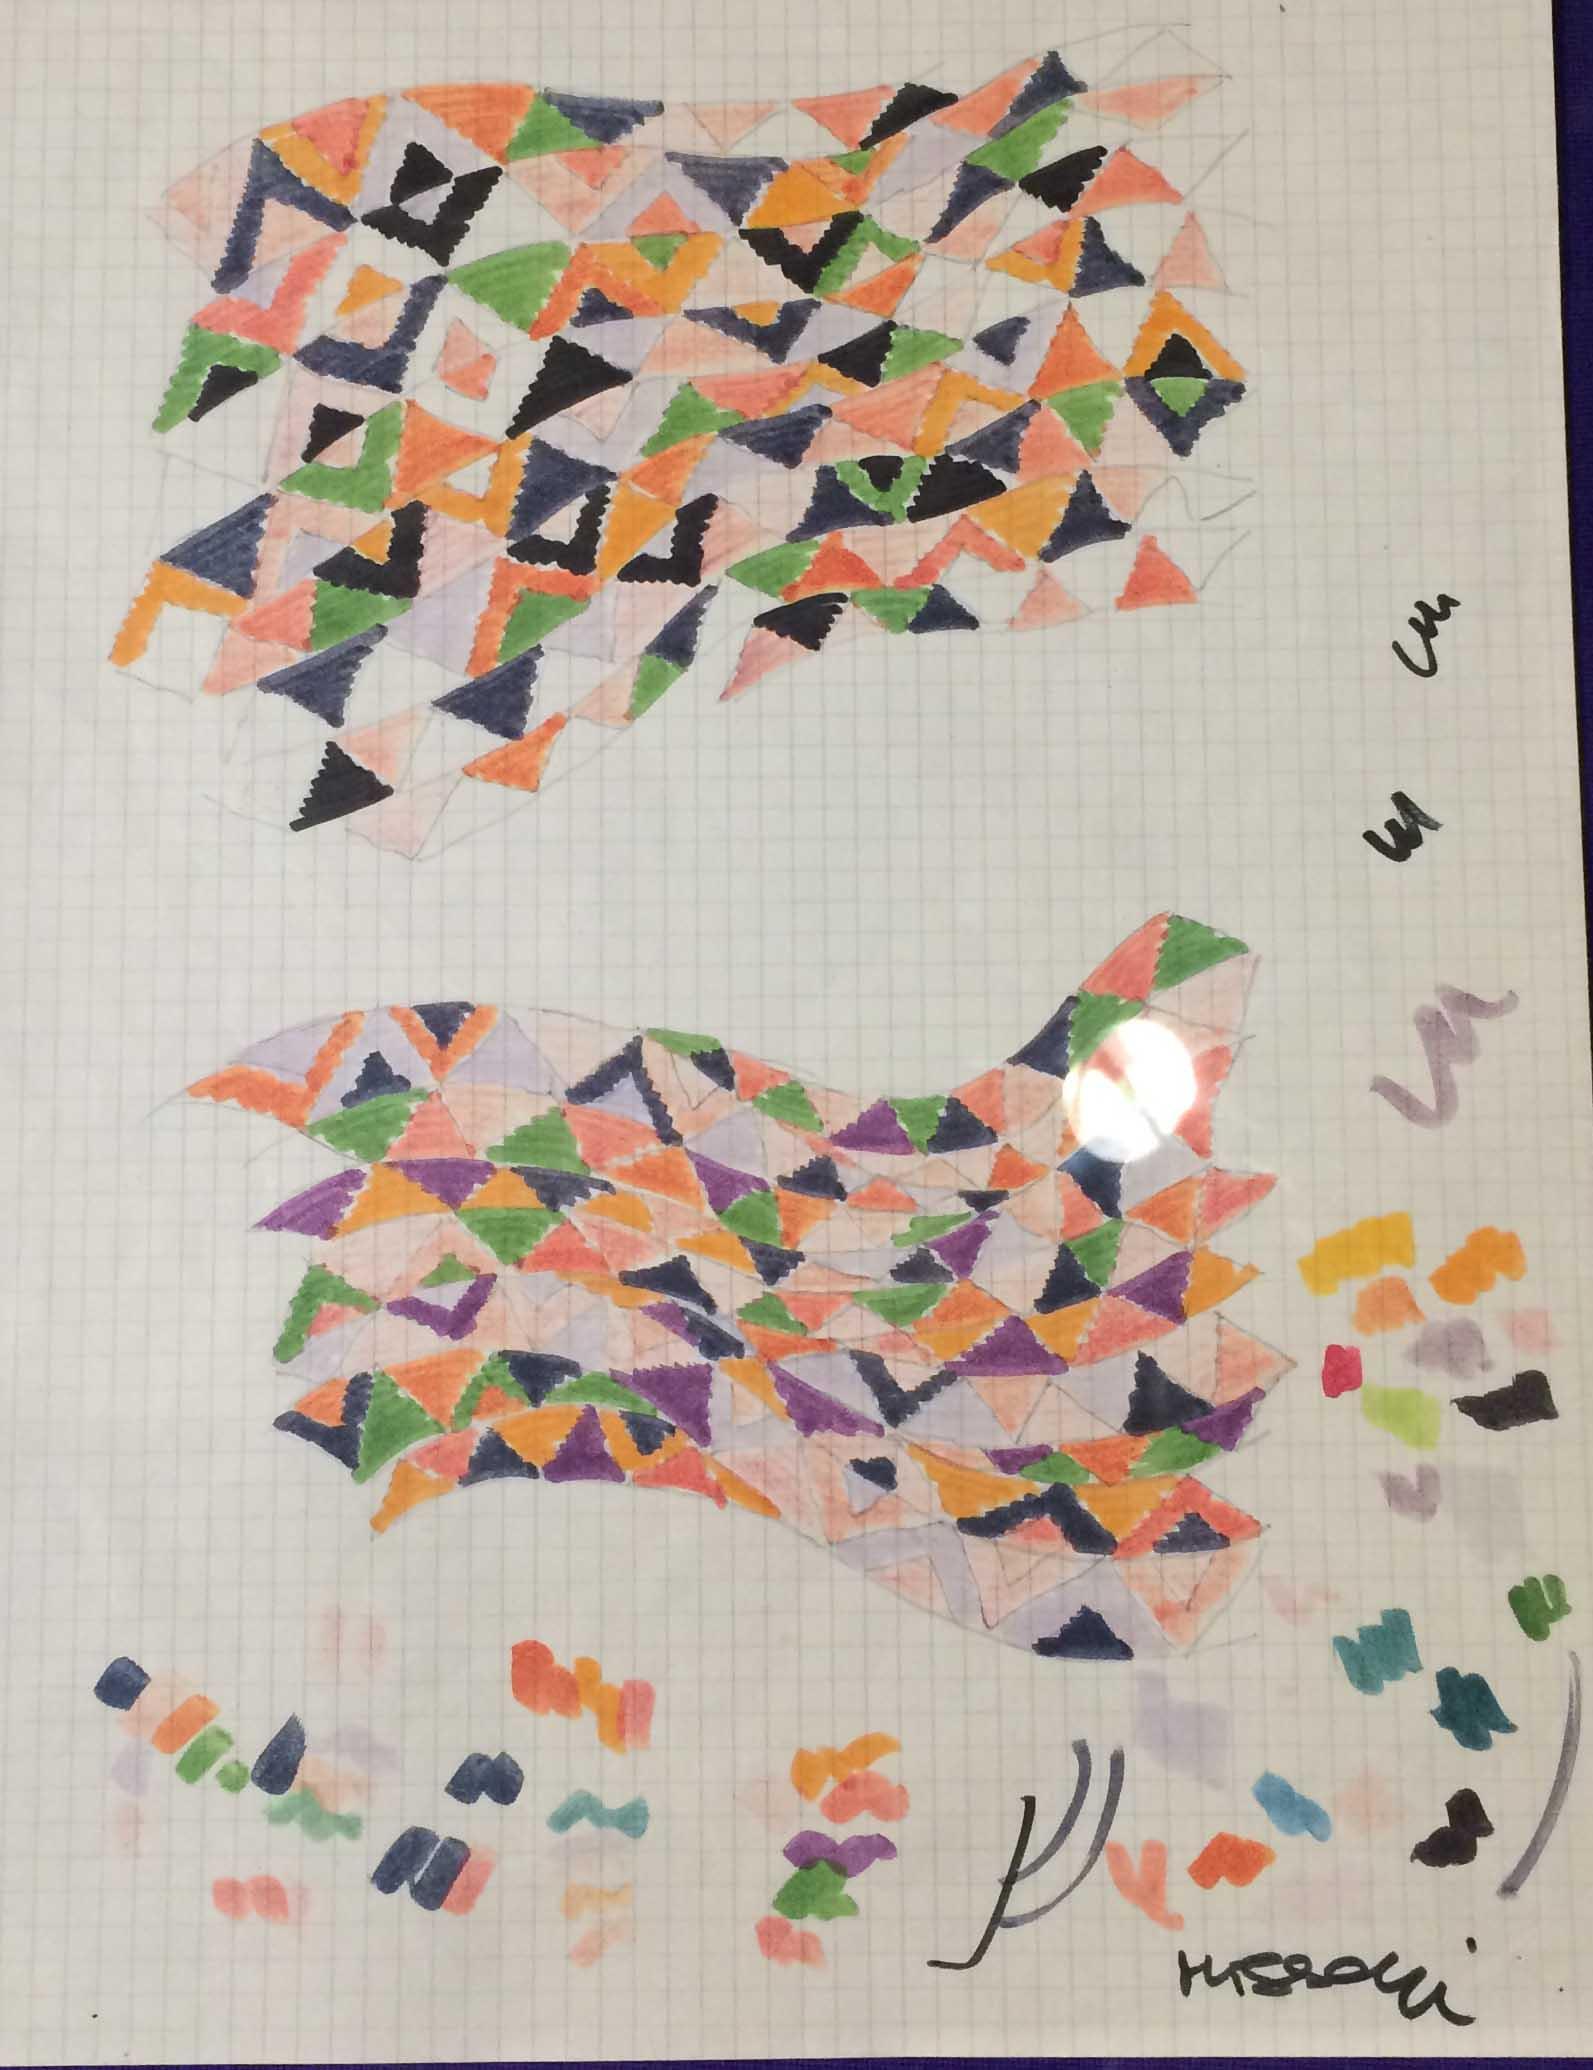 designing irregular patterns